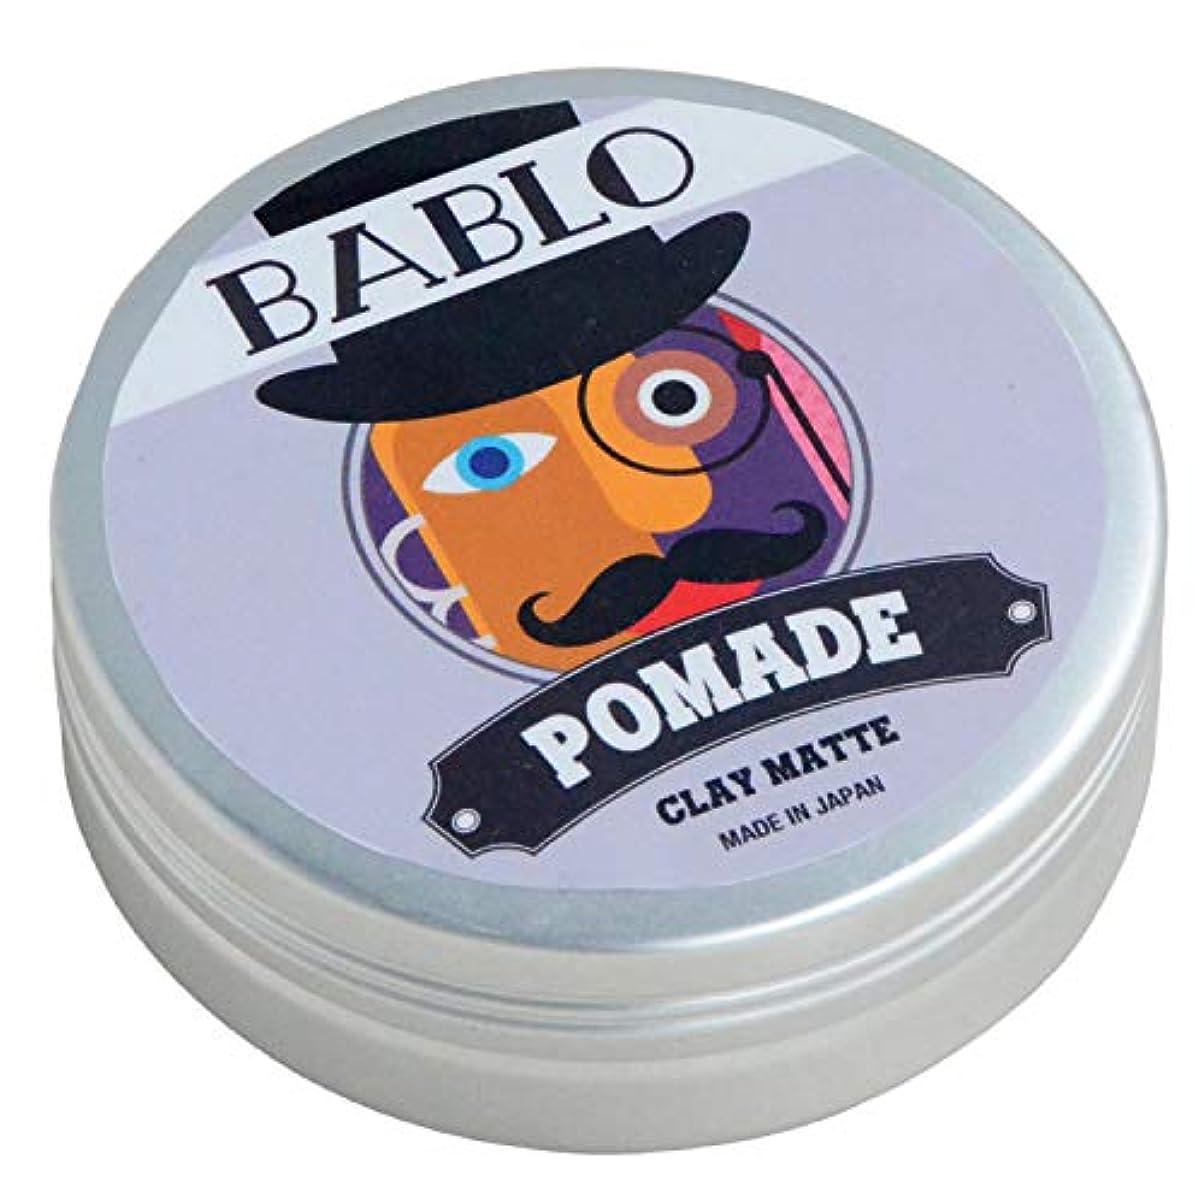 子供っぽいパスタふけるバブロ ポマード(BABLO POMADE) クレイマット ヘアワックス メンズ 整髪料 水性 ヘアグリース